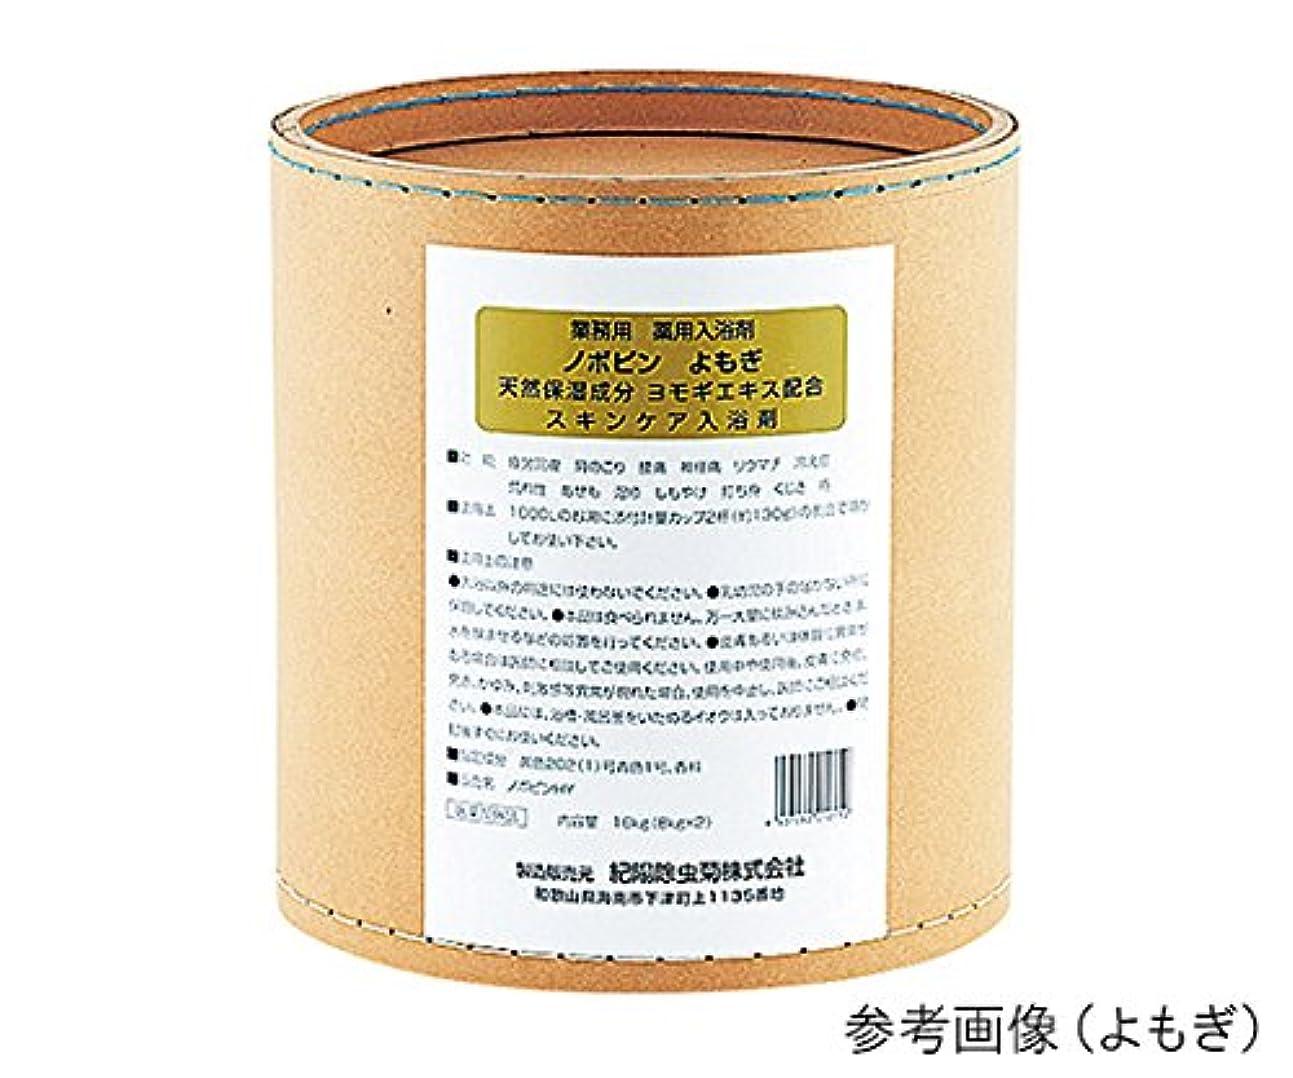 むしろウッズクロール紀陽除虫菊7-2541-02業務用薬用入浴剤(ノボピン)アロエ(8kg×2個入)